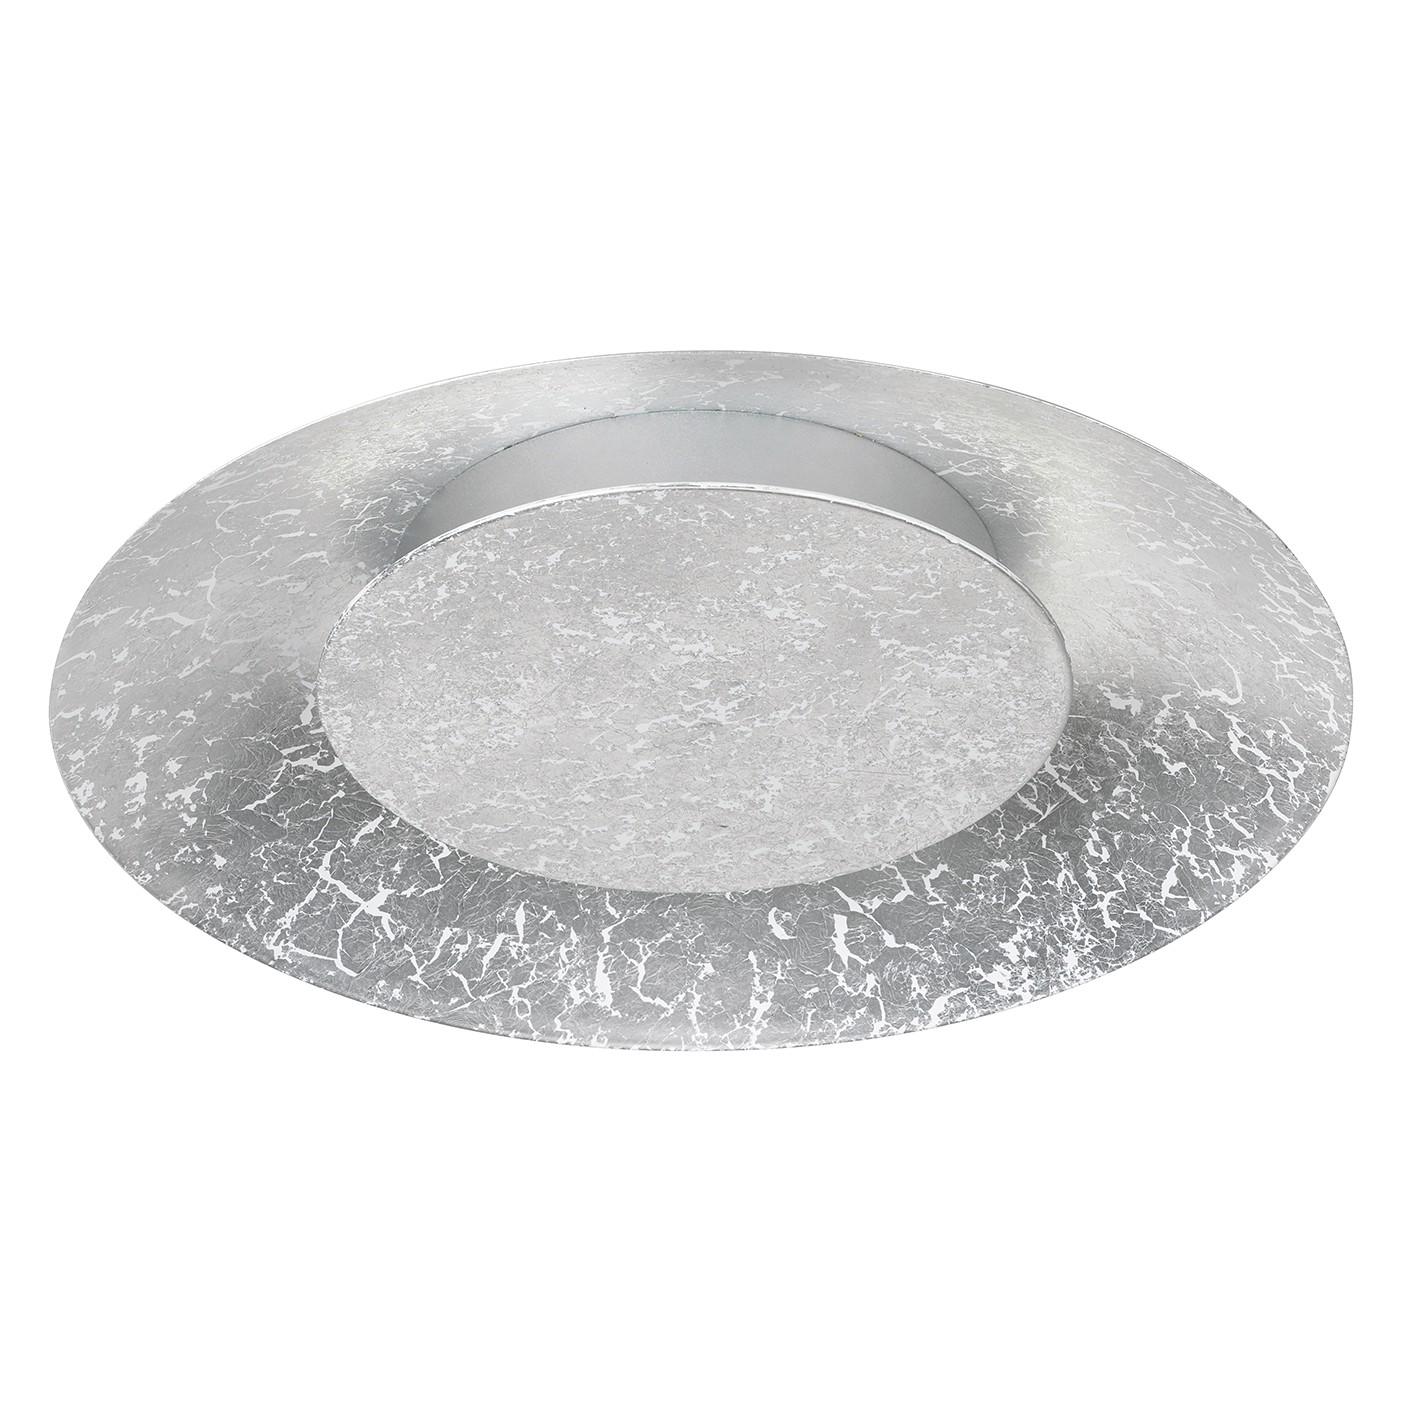 energie  A+, LED-plafondlamp Shine-Marvel - metaal - 1 lichtbron - 34.5 - Zilverkleurig, Shine by Fischer Leuchten